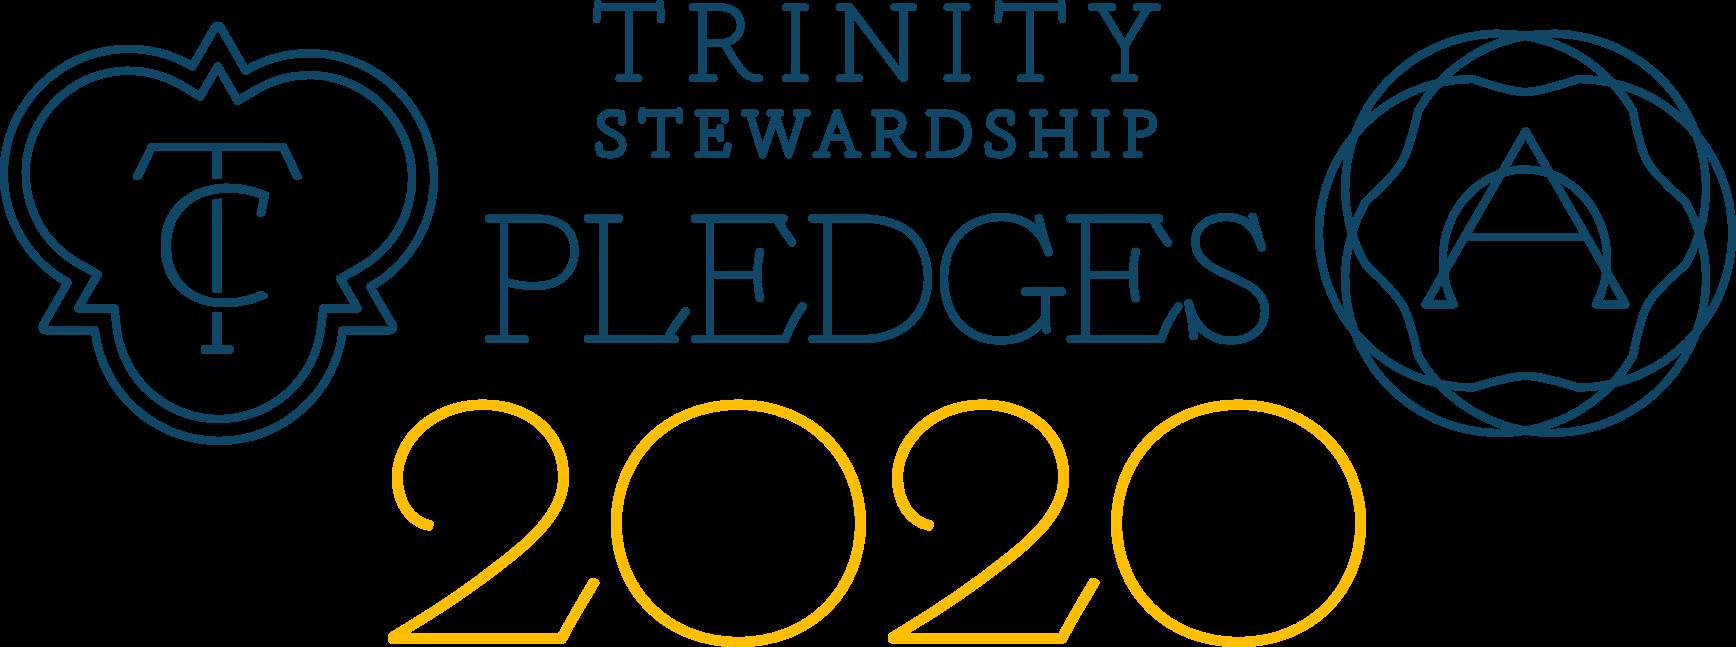 pledges-title.png